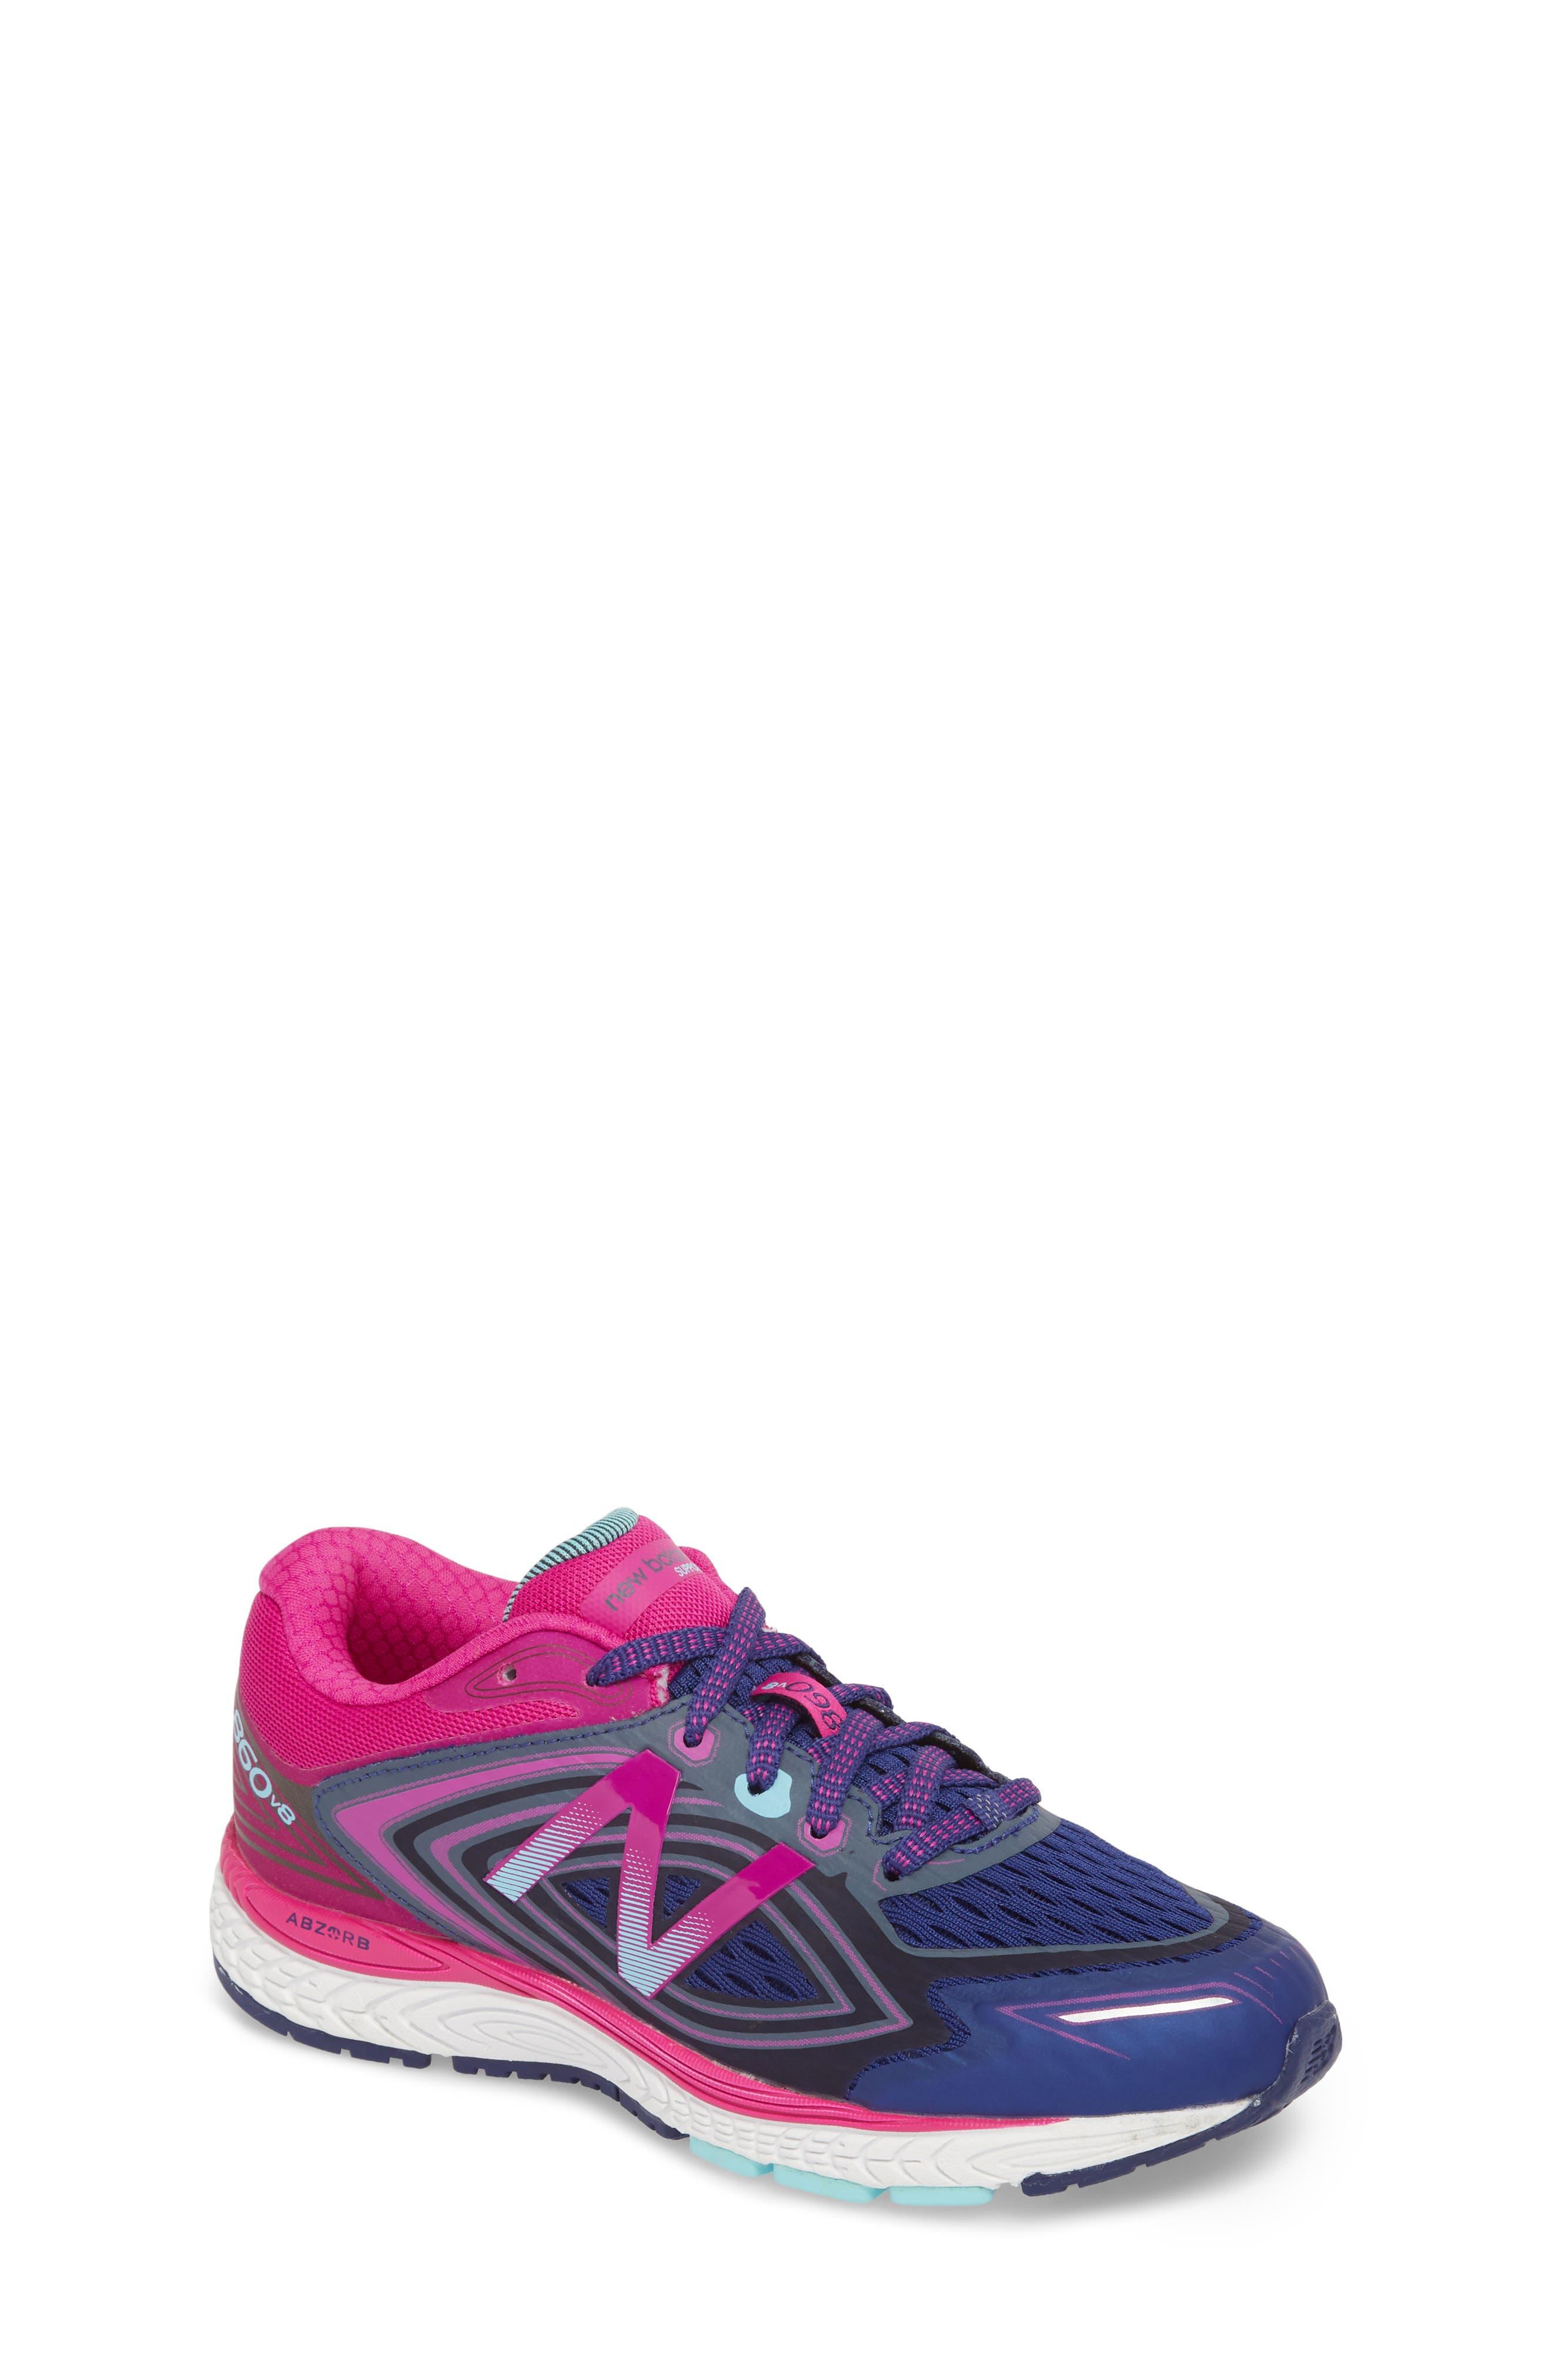 860v8 Sneaker,                         Main,                         color, 410